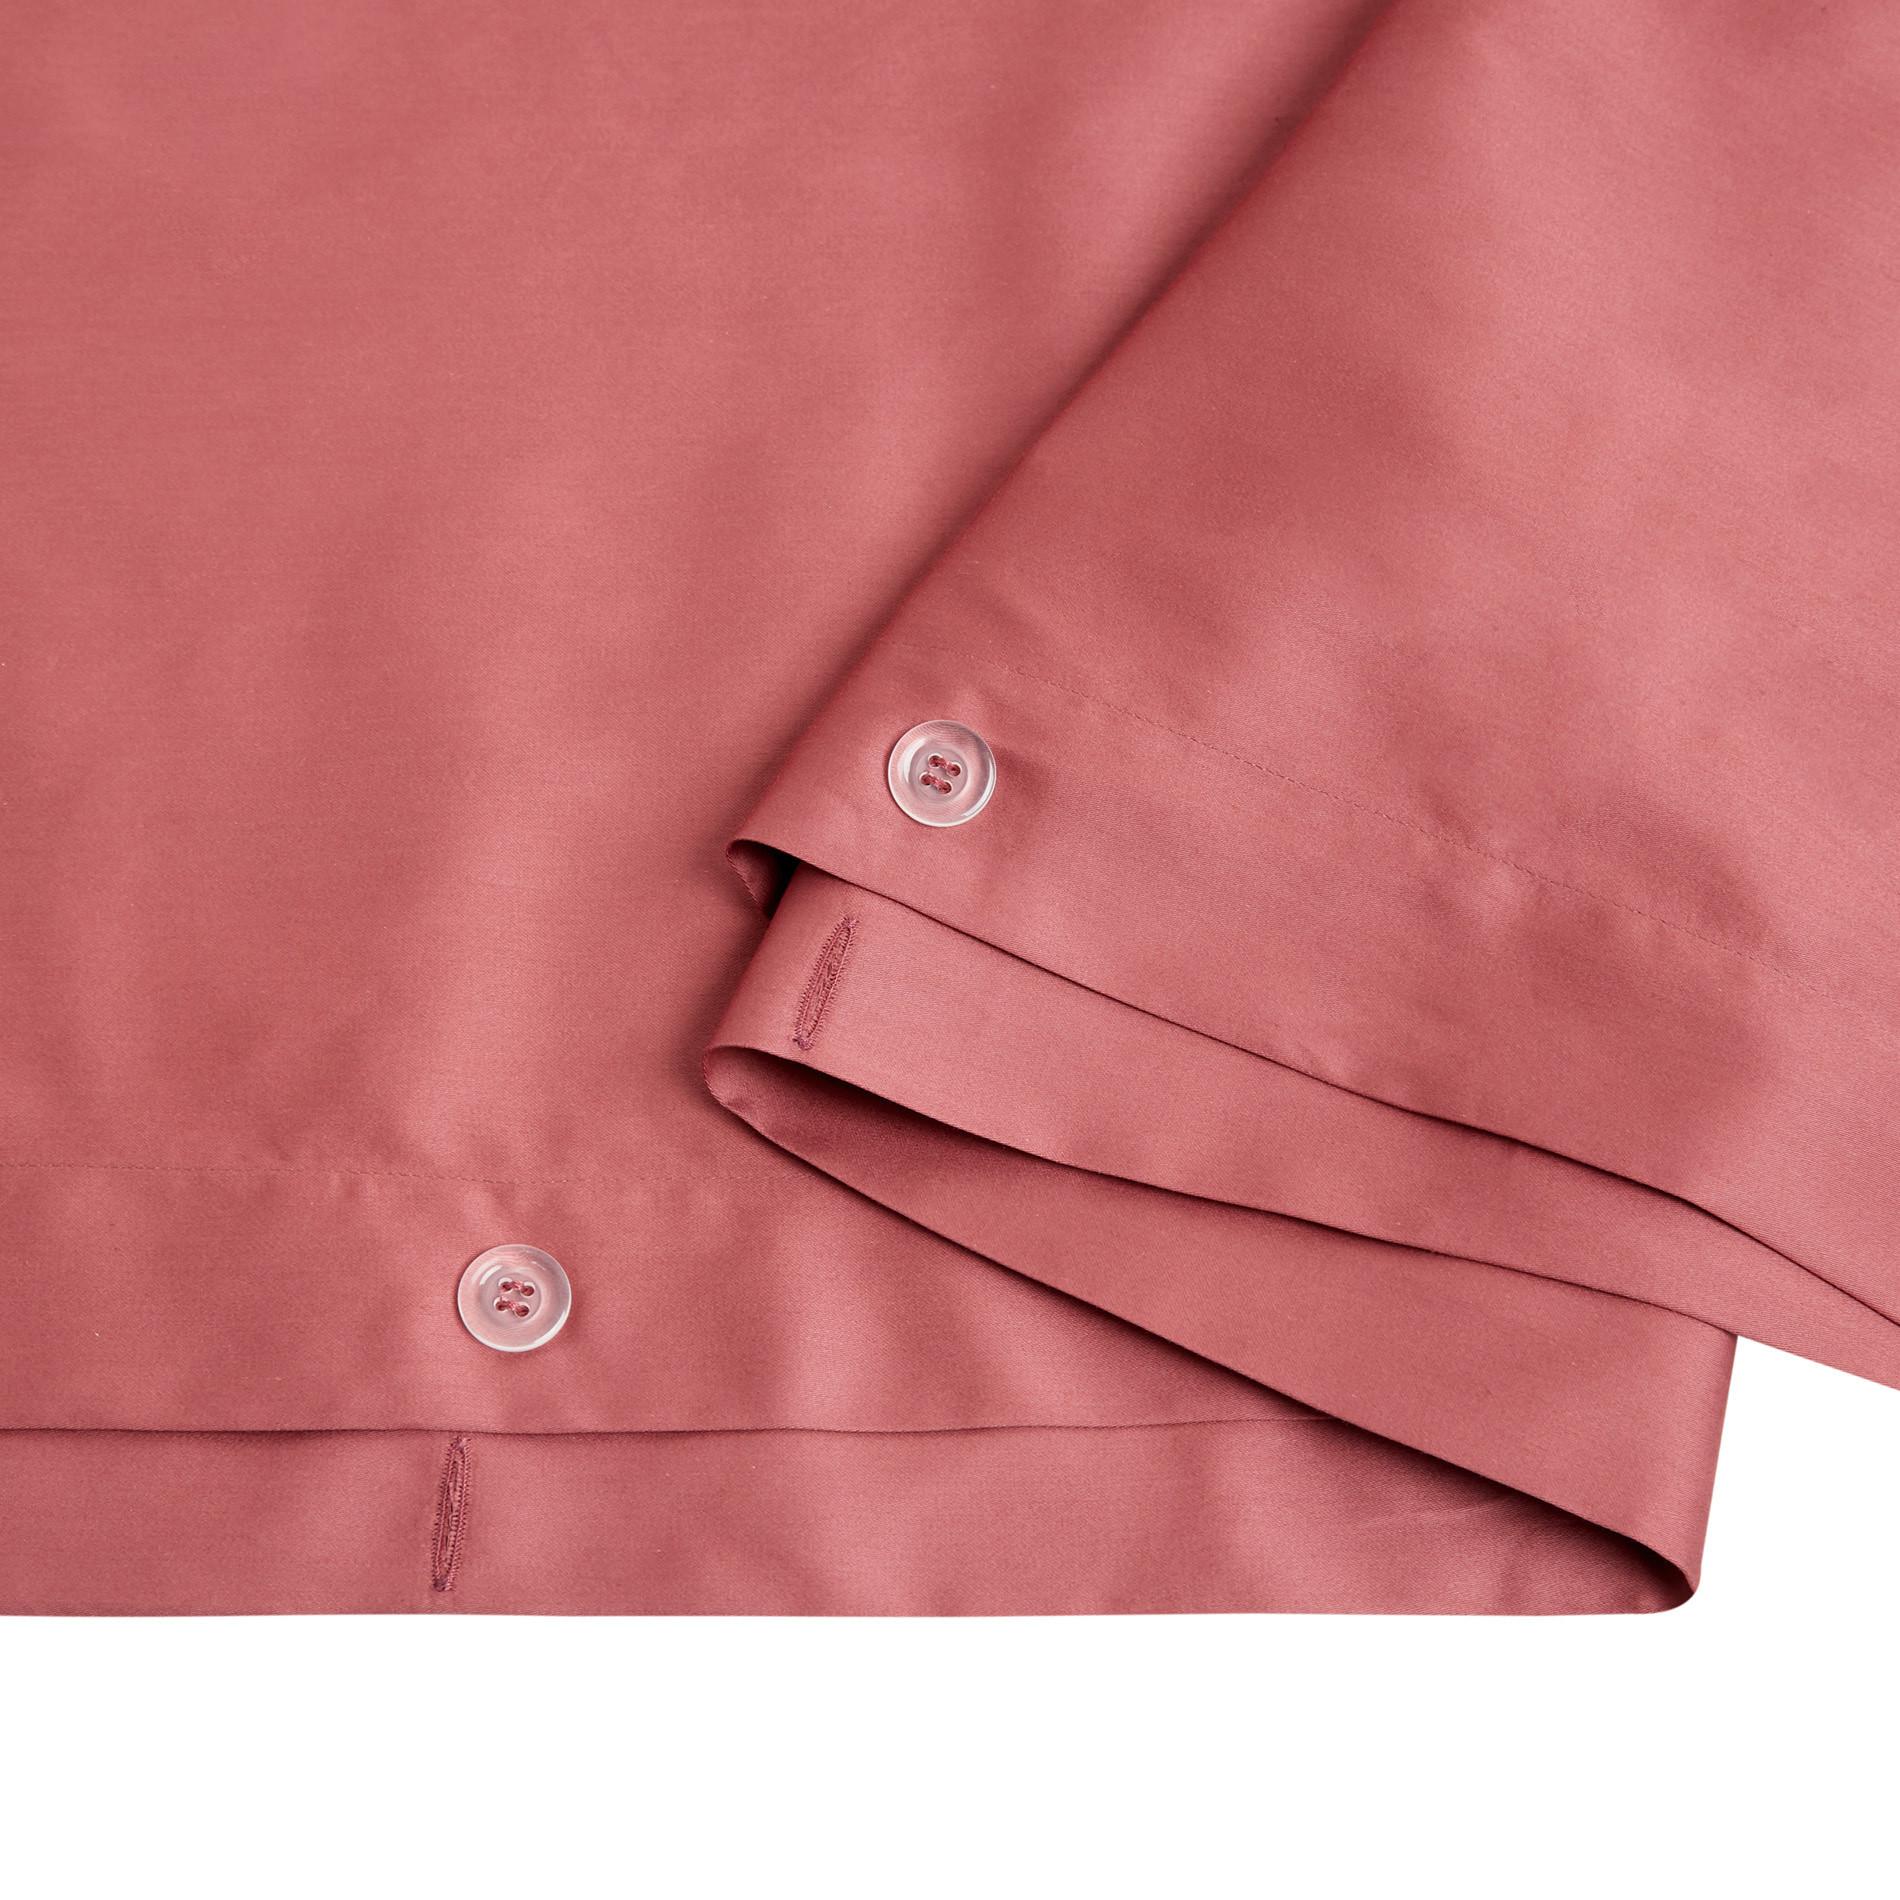 Parure copripiumino raso di puro cotone Zefiro, Rosa scuro, large image number 1